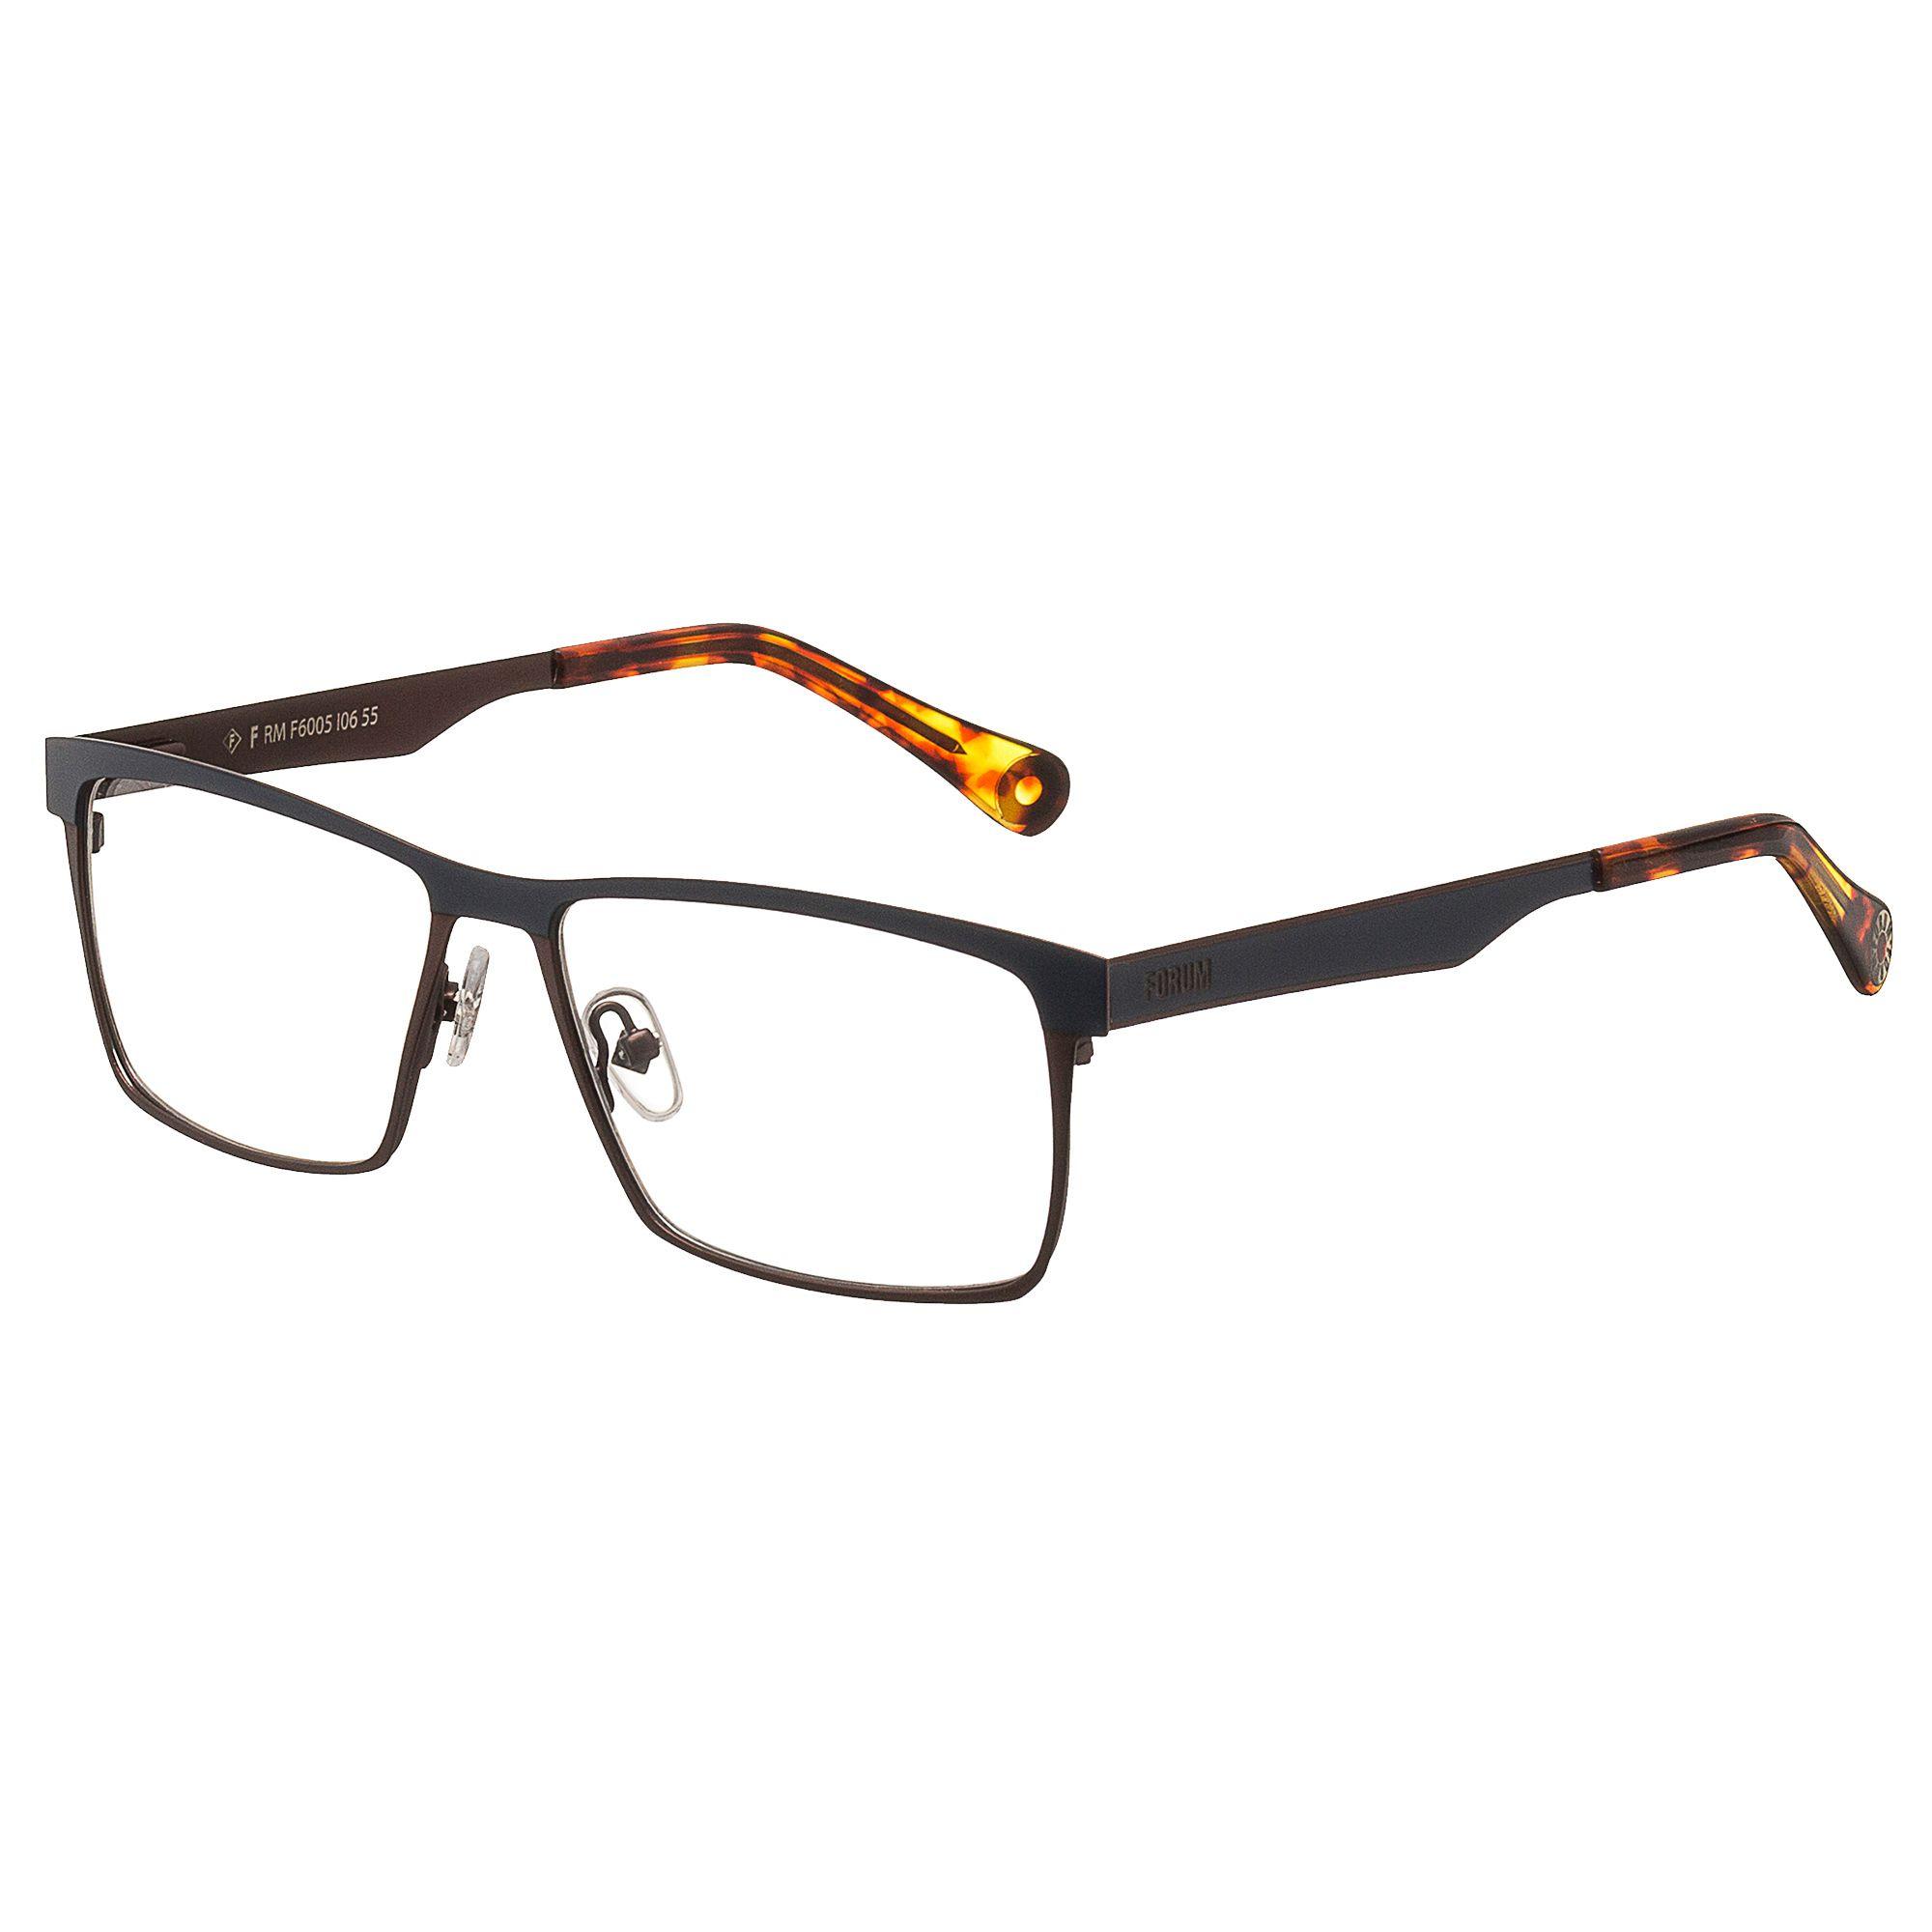 Óculos de Grau Unissex Fórum F6005I0655